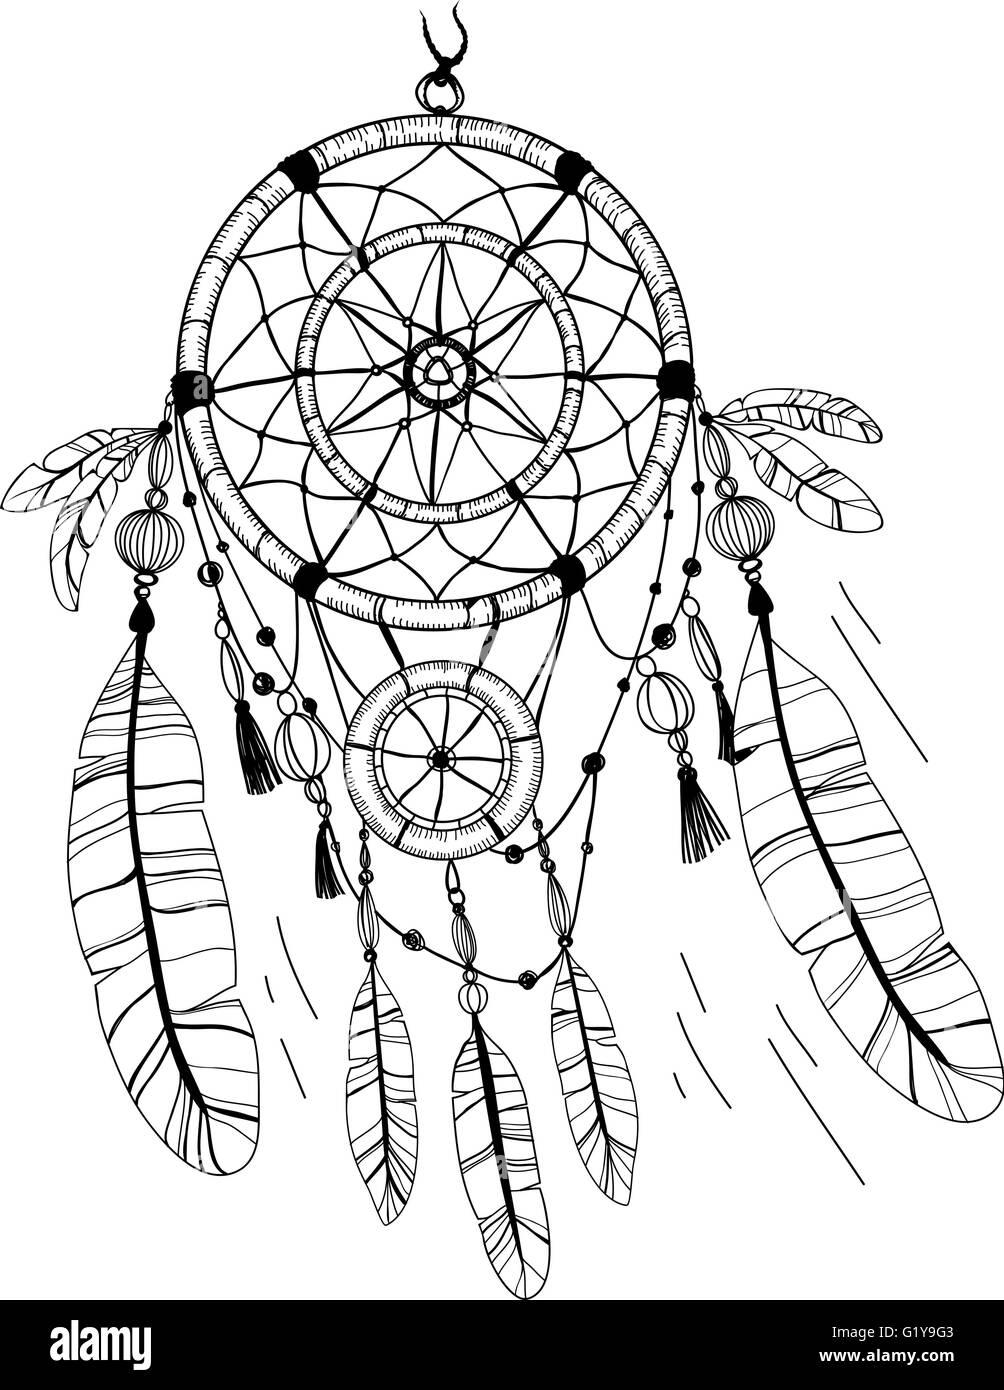 Atrapasueños Plumas Y Abalorios Página Para Colorear Ilustración